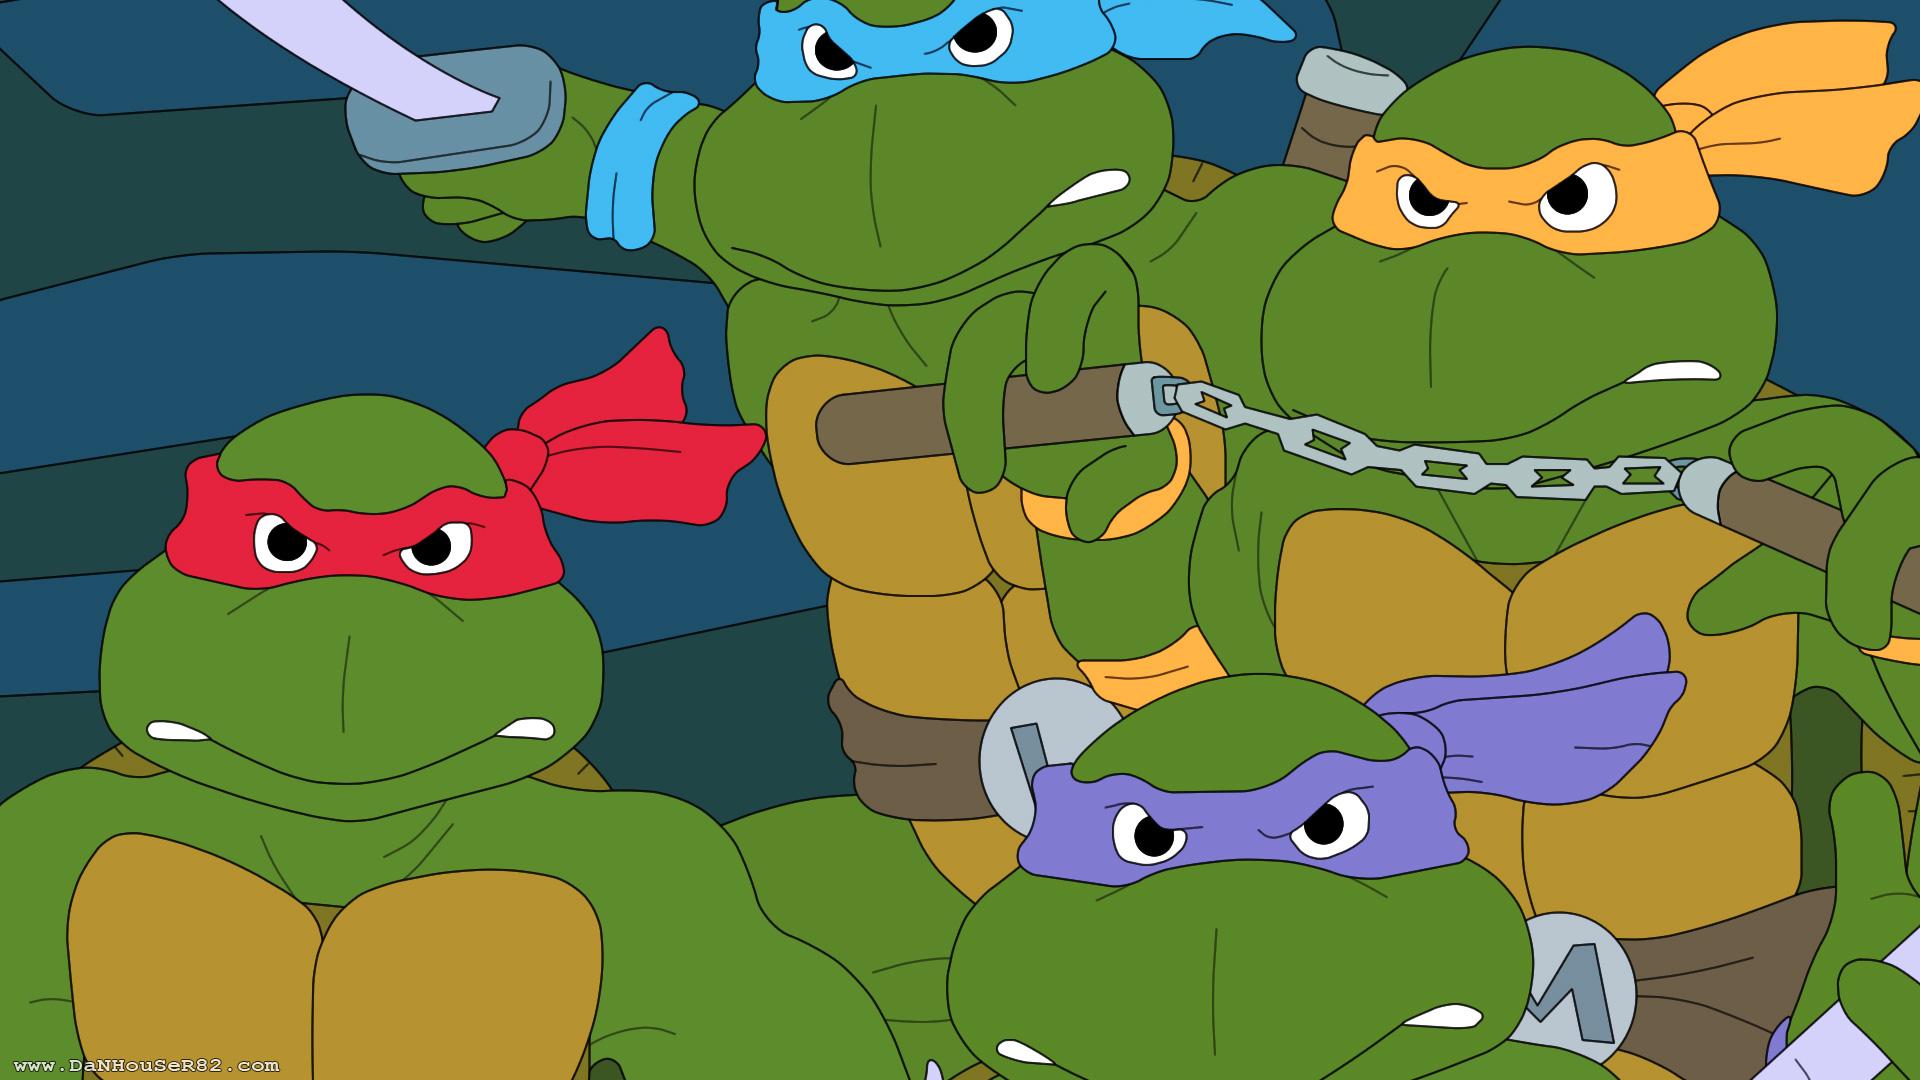 Teenage Mutant Ninja Turtles Wallpaper Cartoon Images - 80's Teenage Mutant Ninja Turtles 1980 - HD Wallpaper